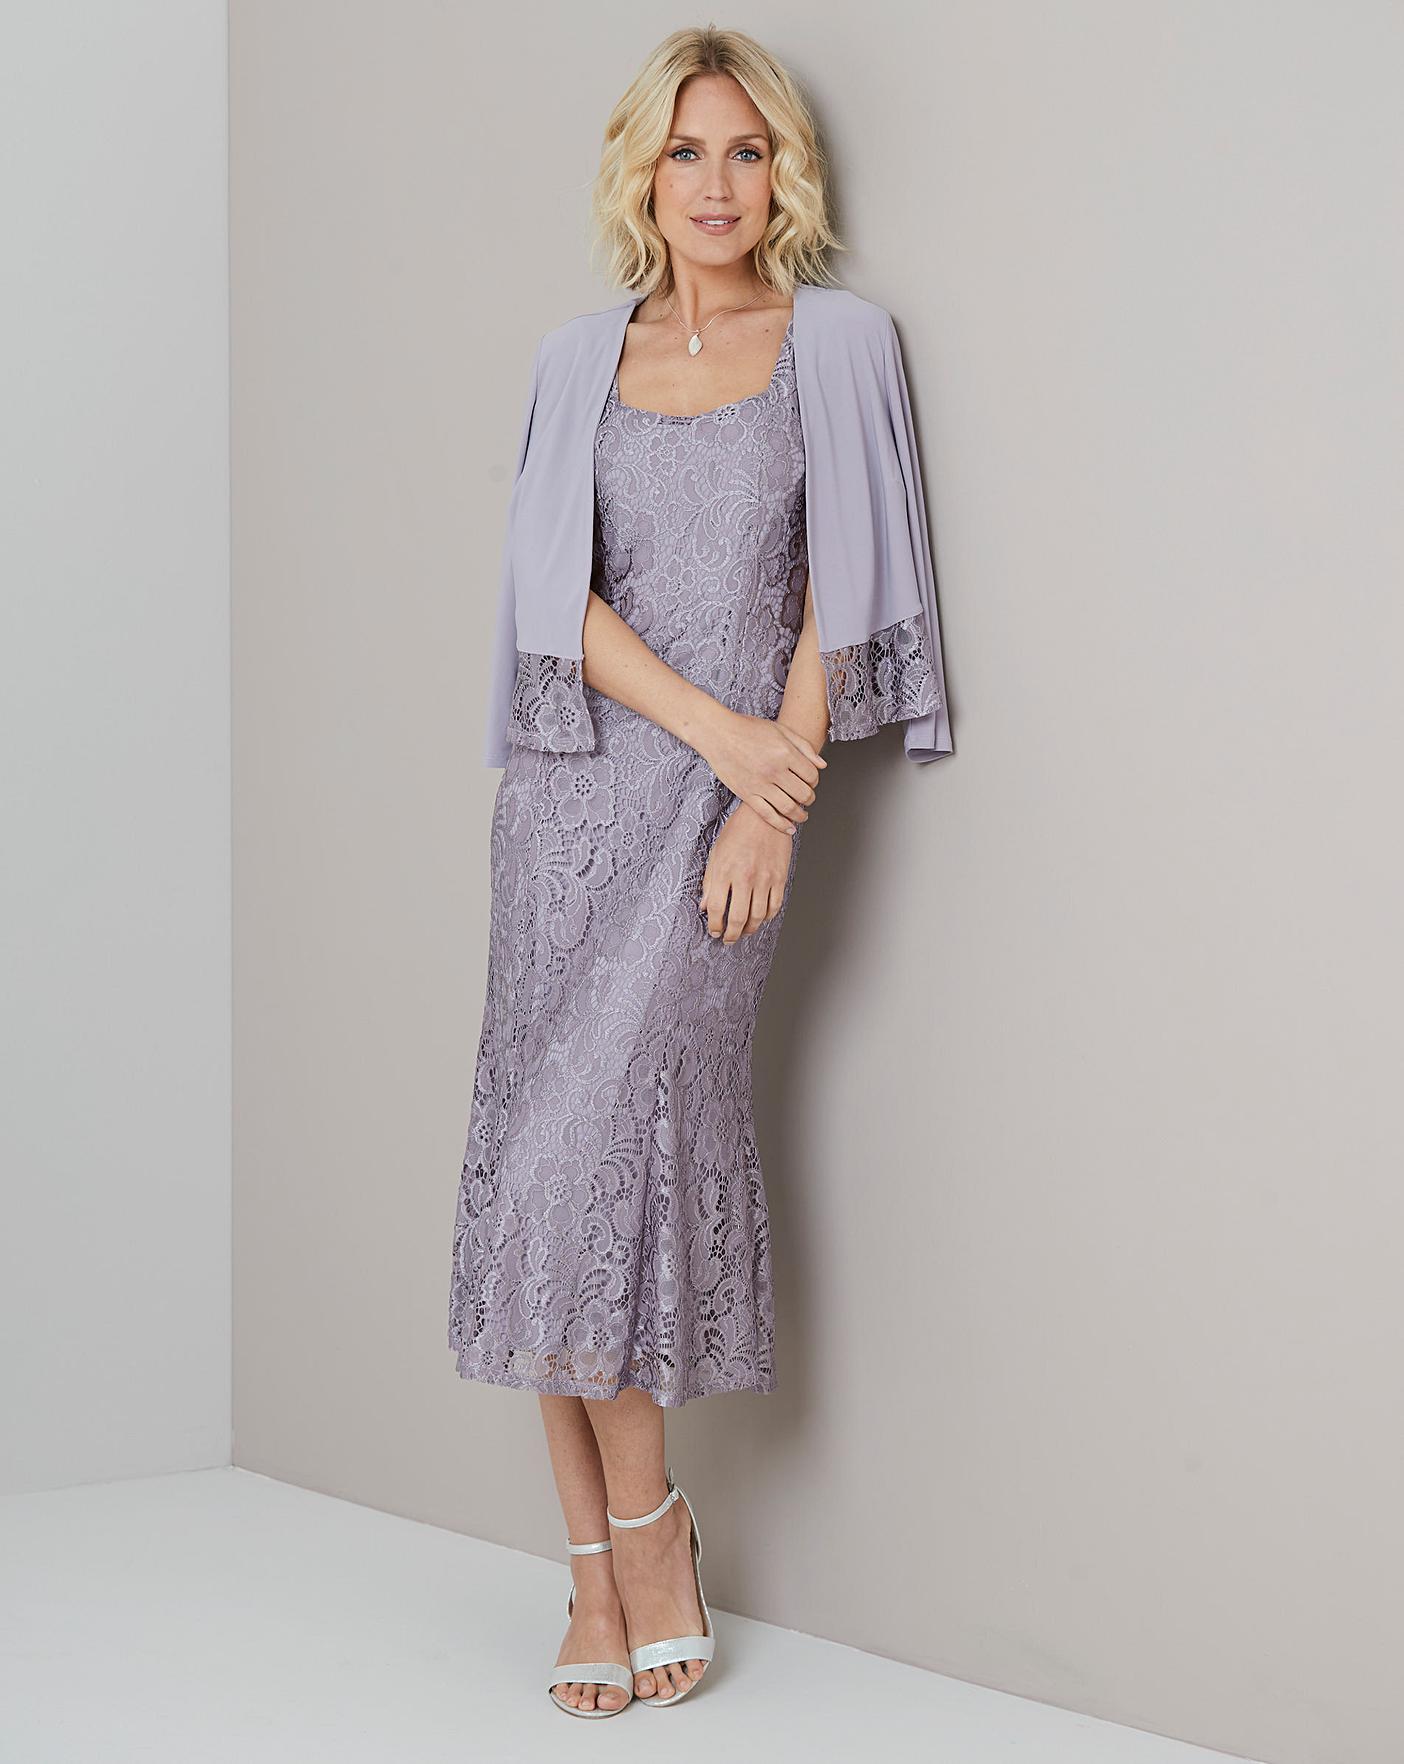 Julipa Lace Dress And Jacket